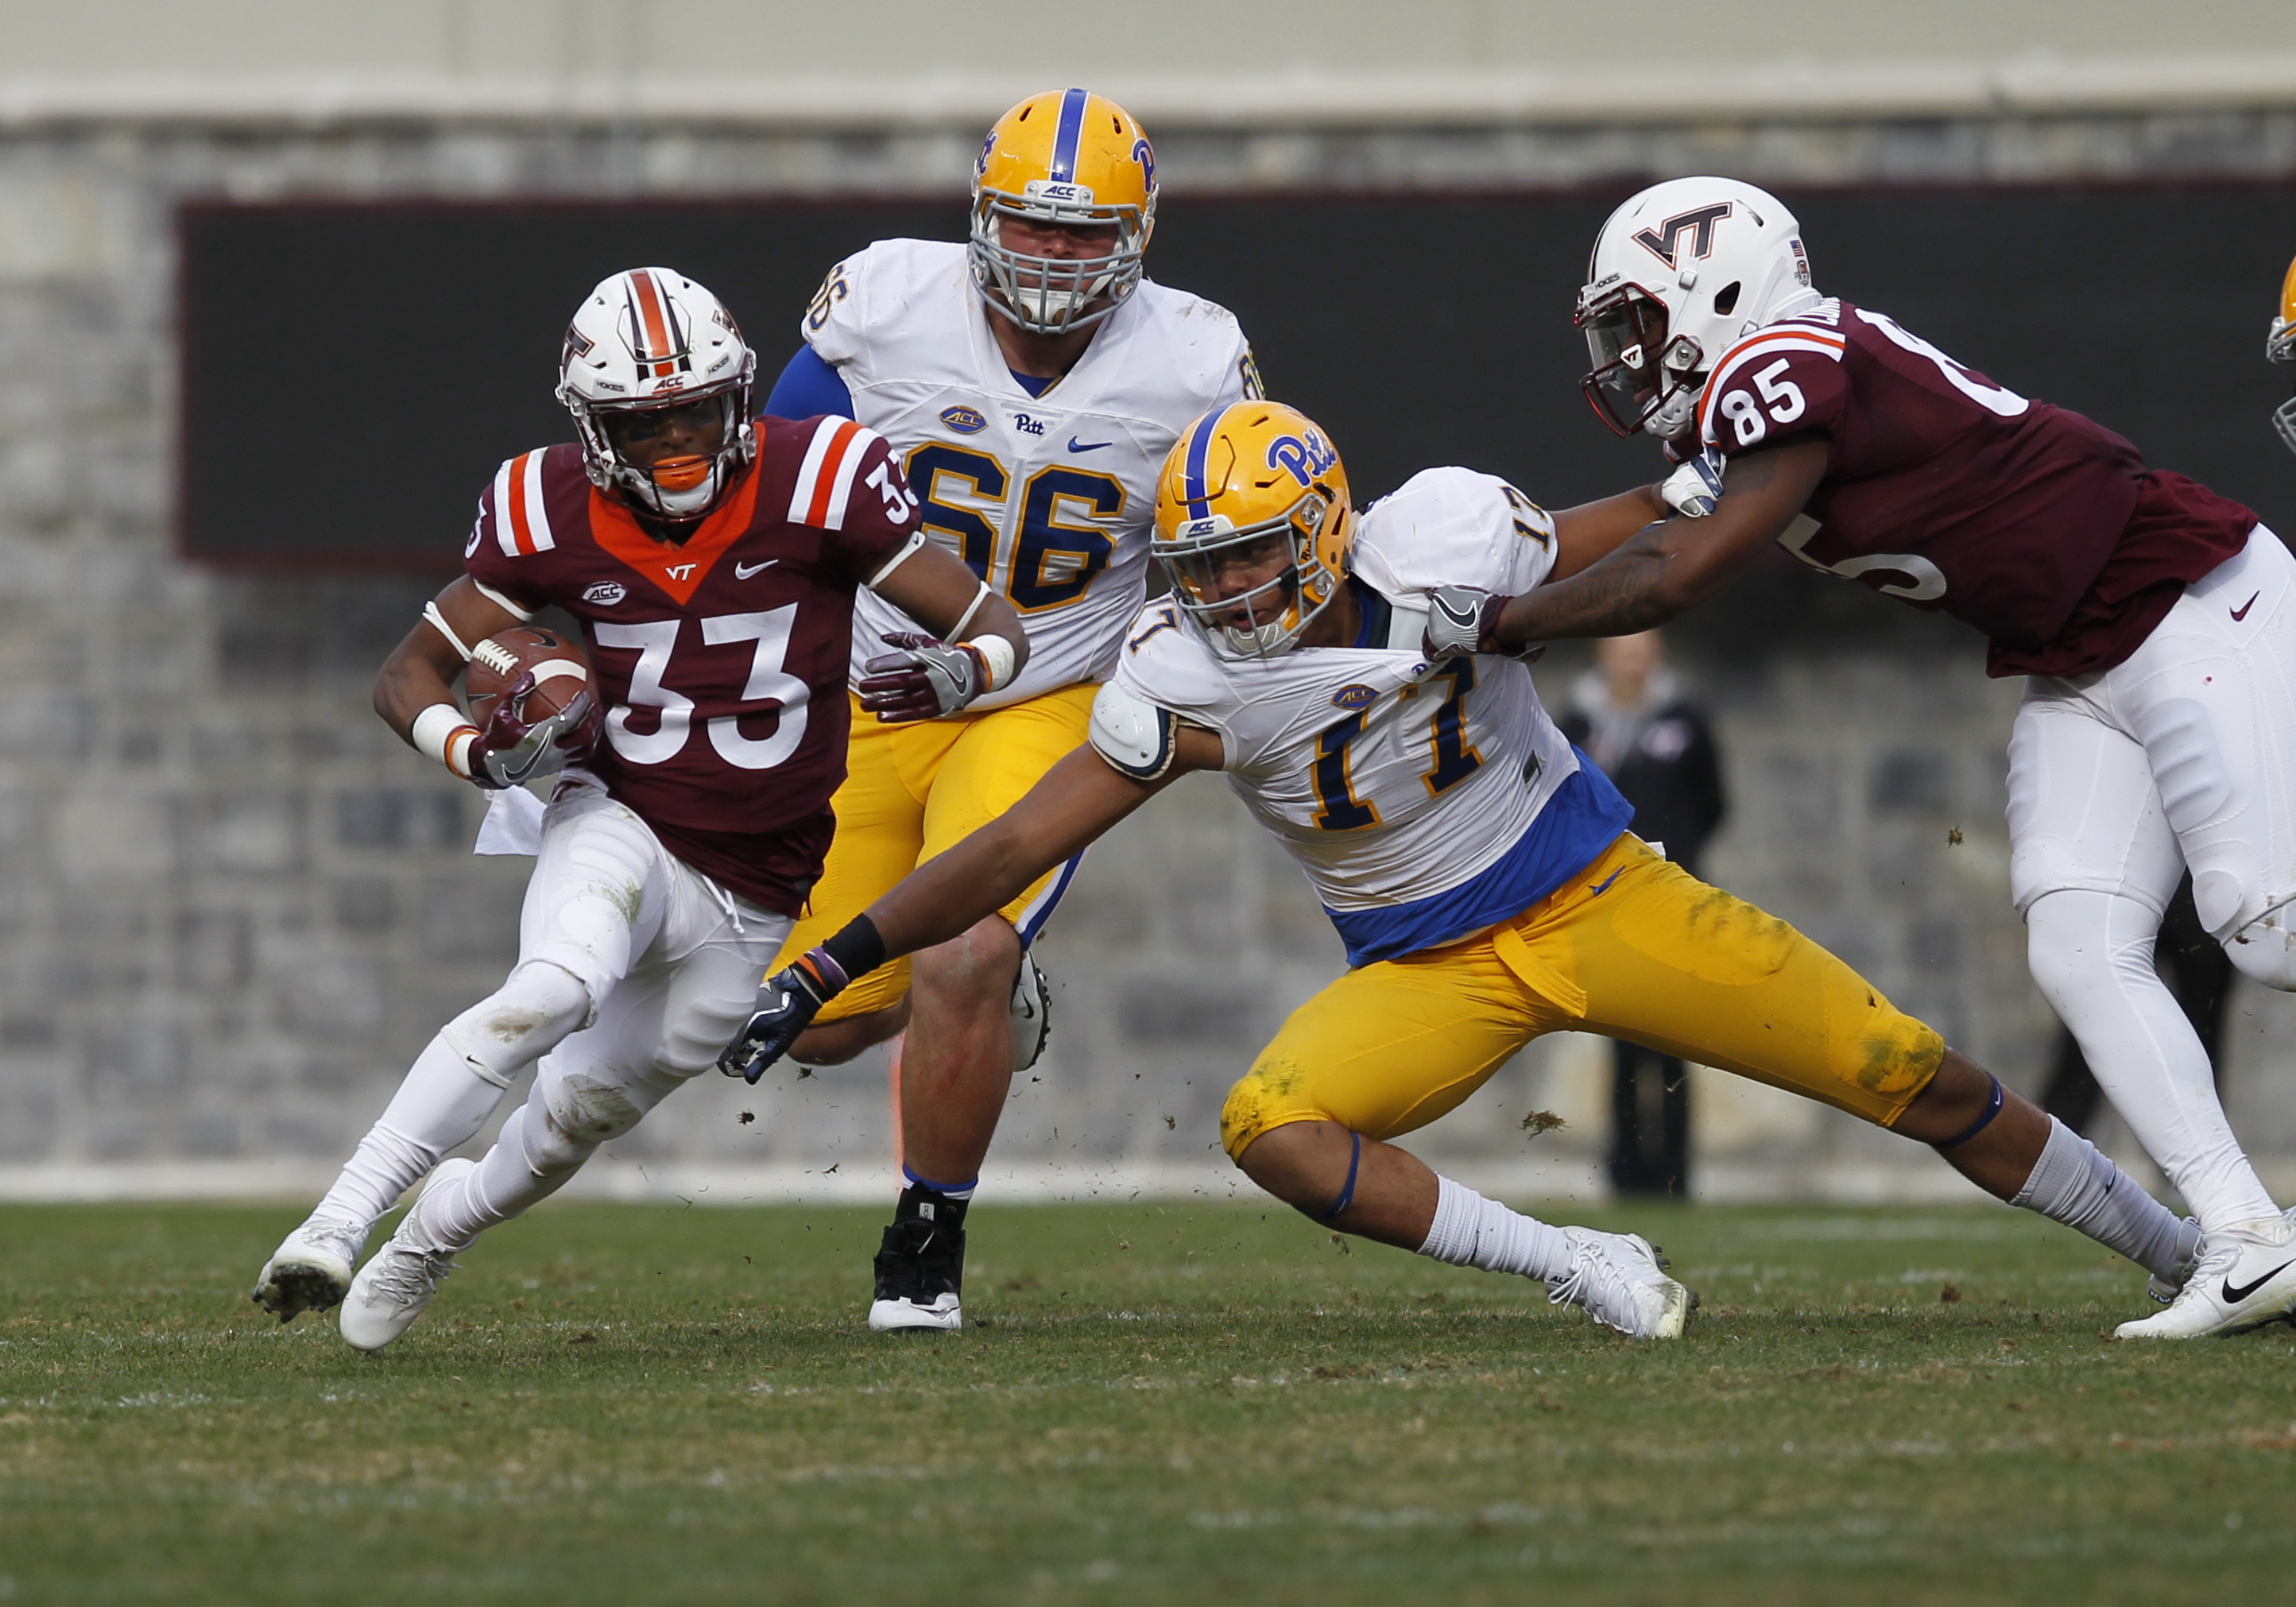 COLLEGE FOOTBALL: NOV 18 Pitt at Virginia Tech